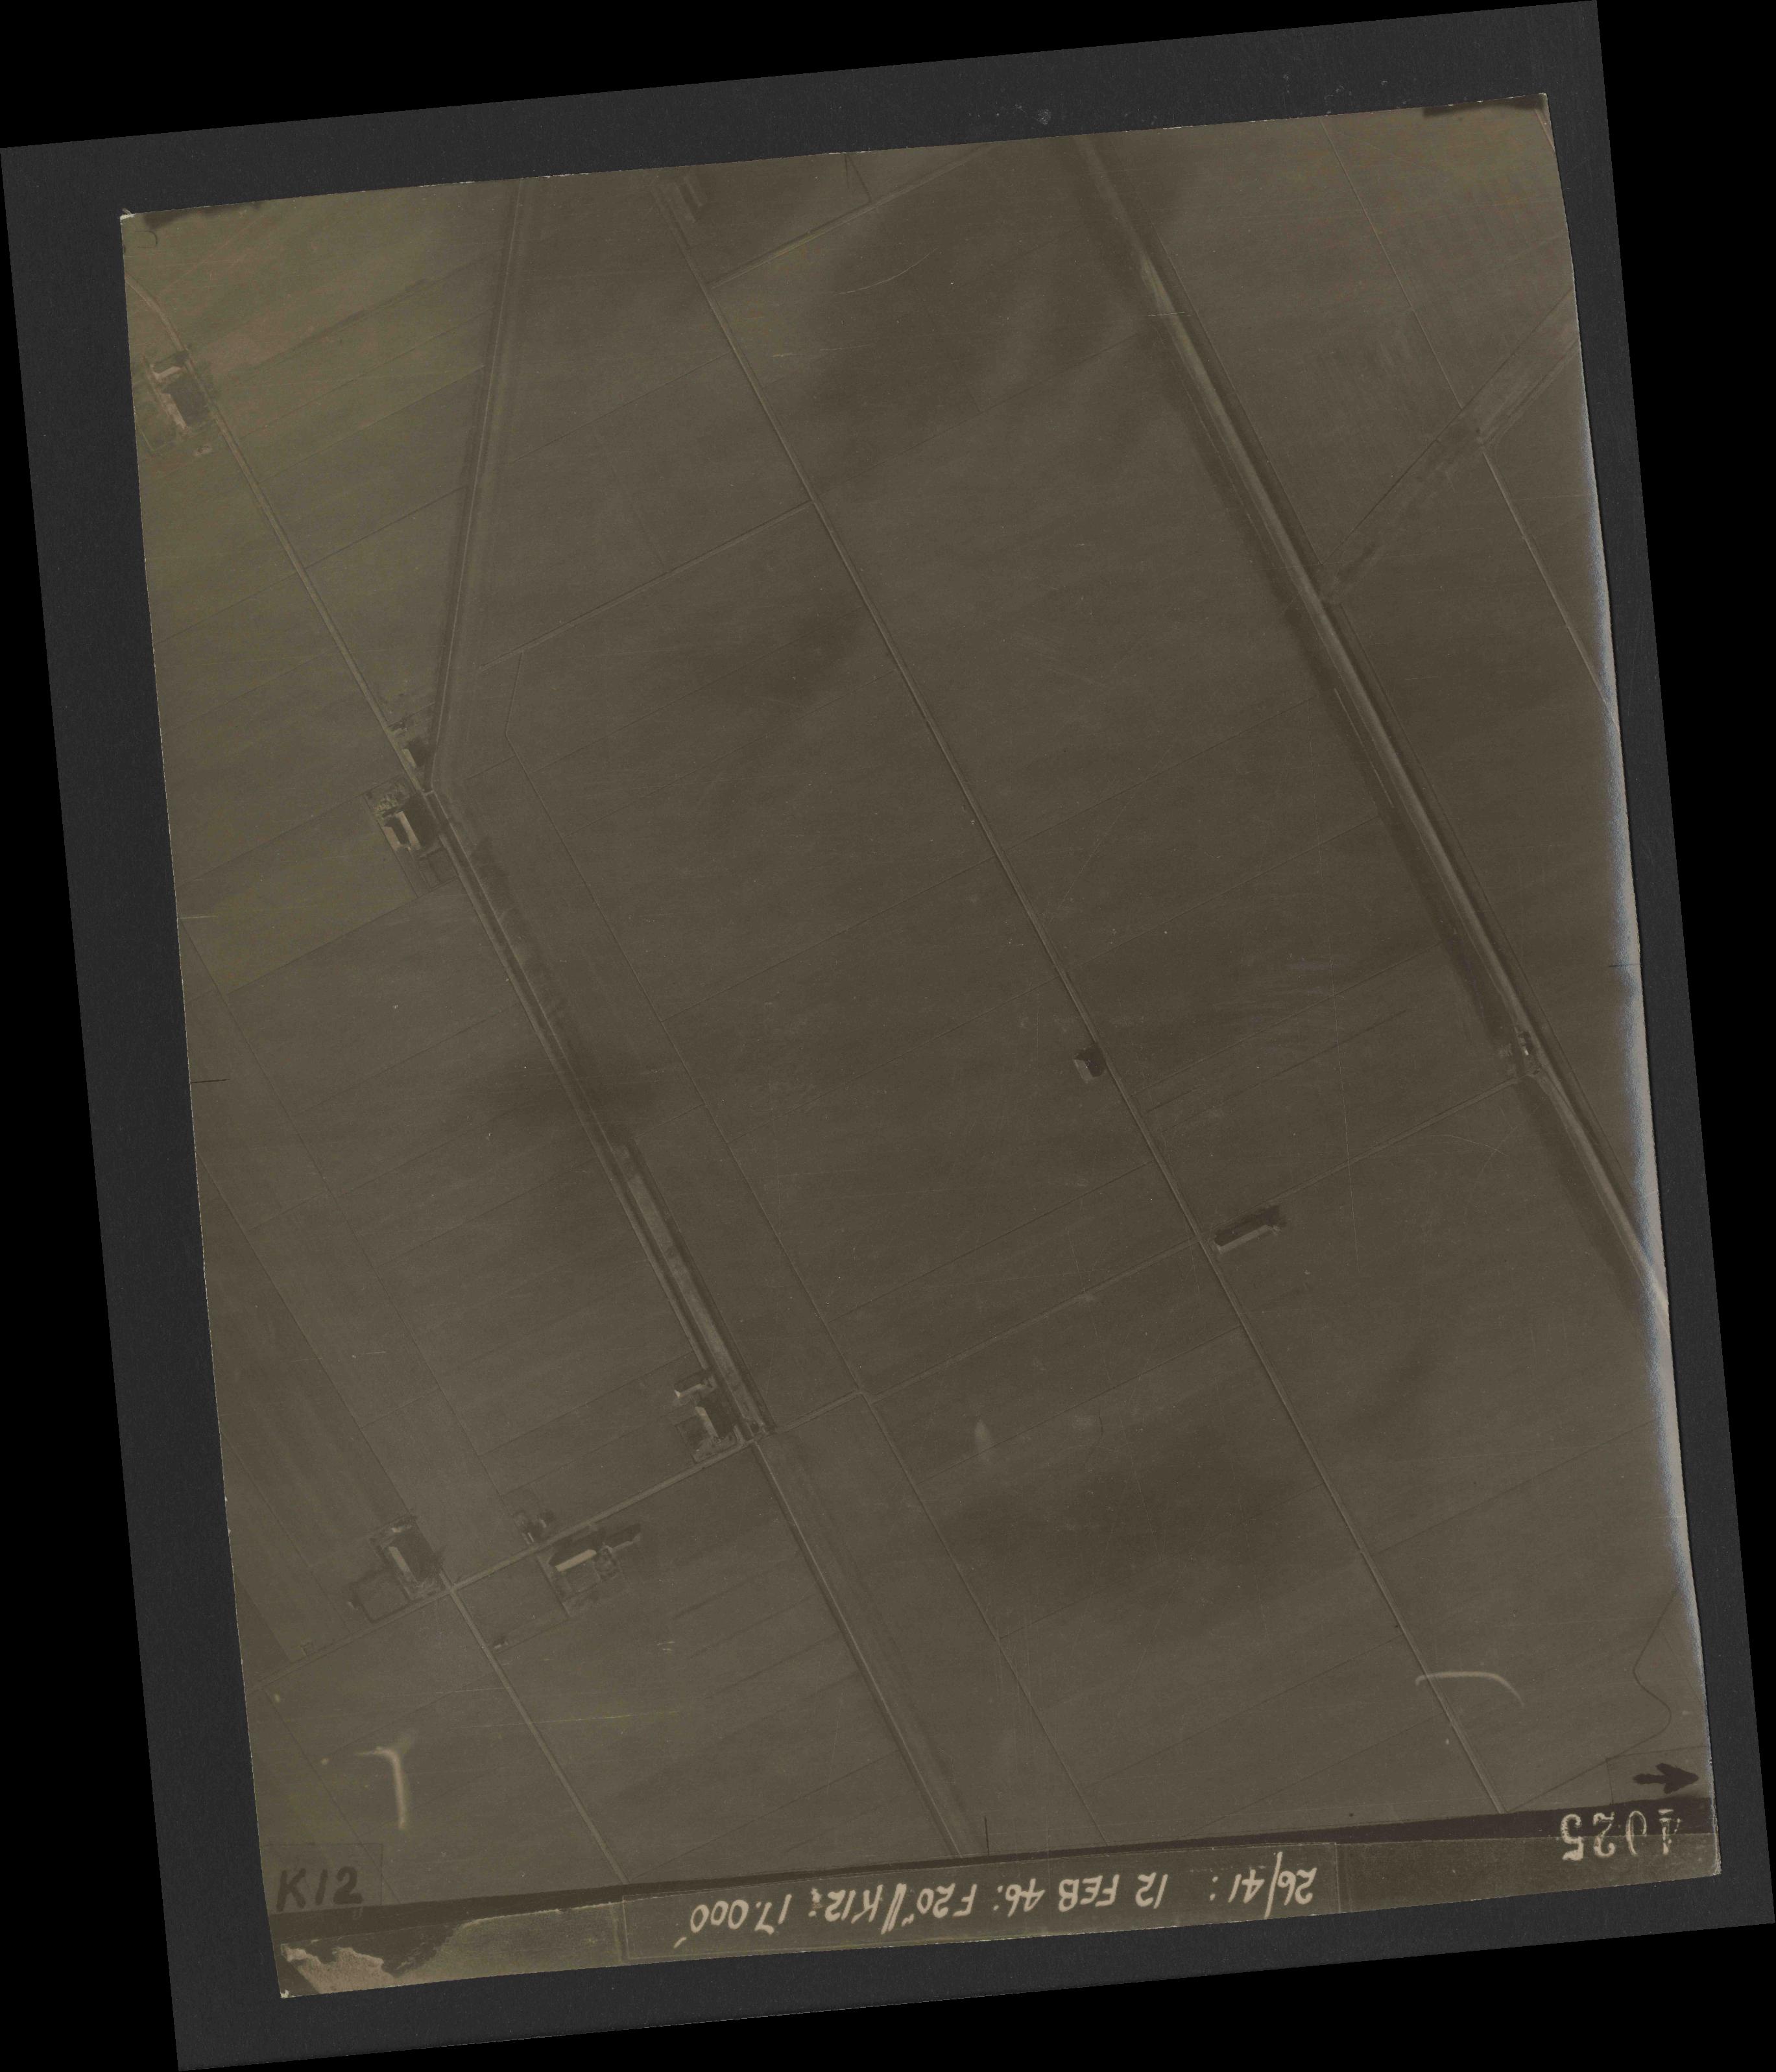 Collection RAF aerial photos 1940-1945 - flight 212, run 11, photo 4025